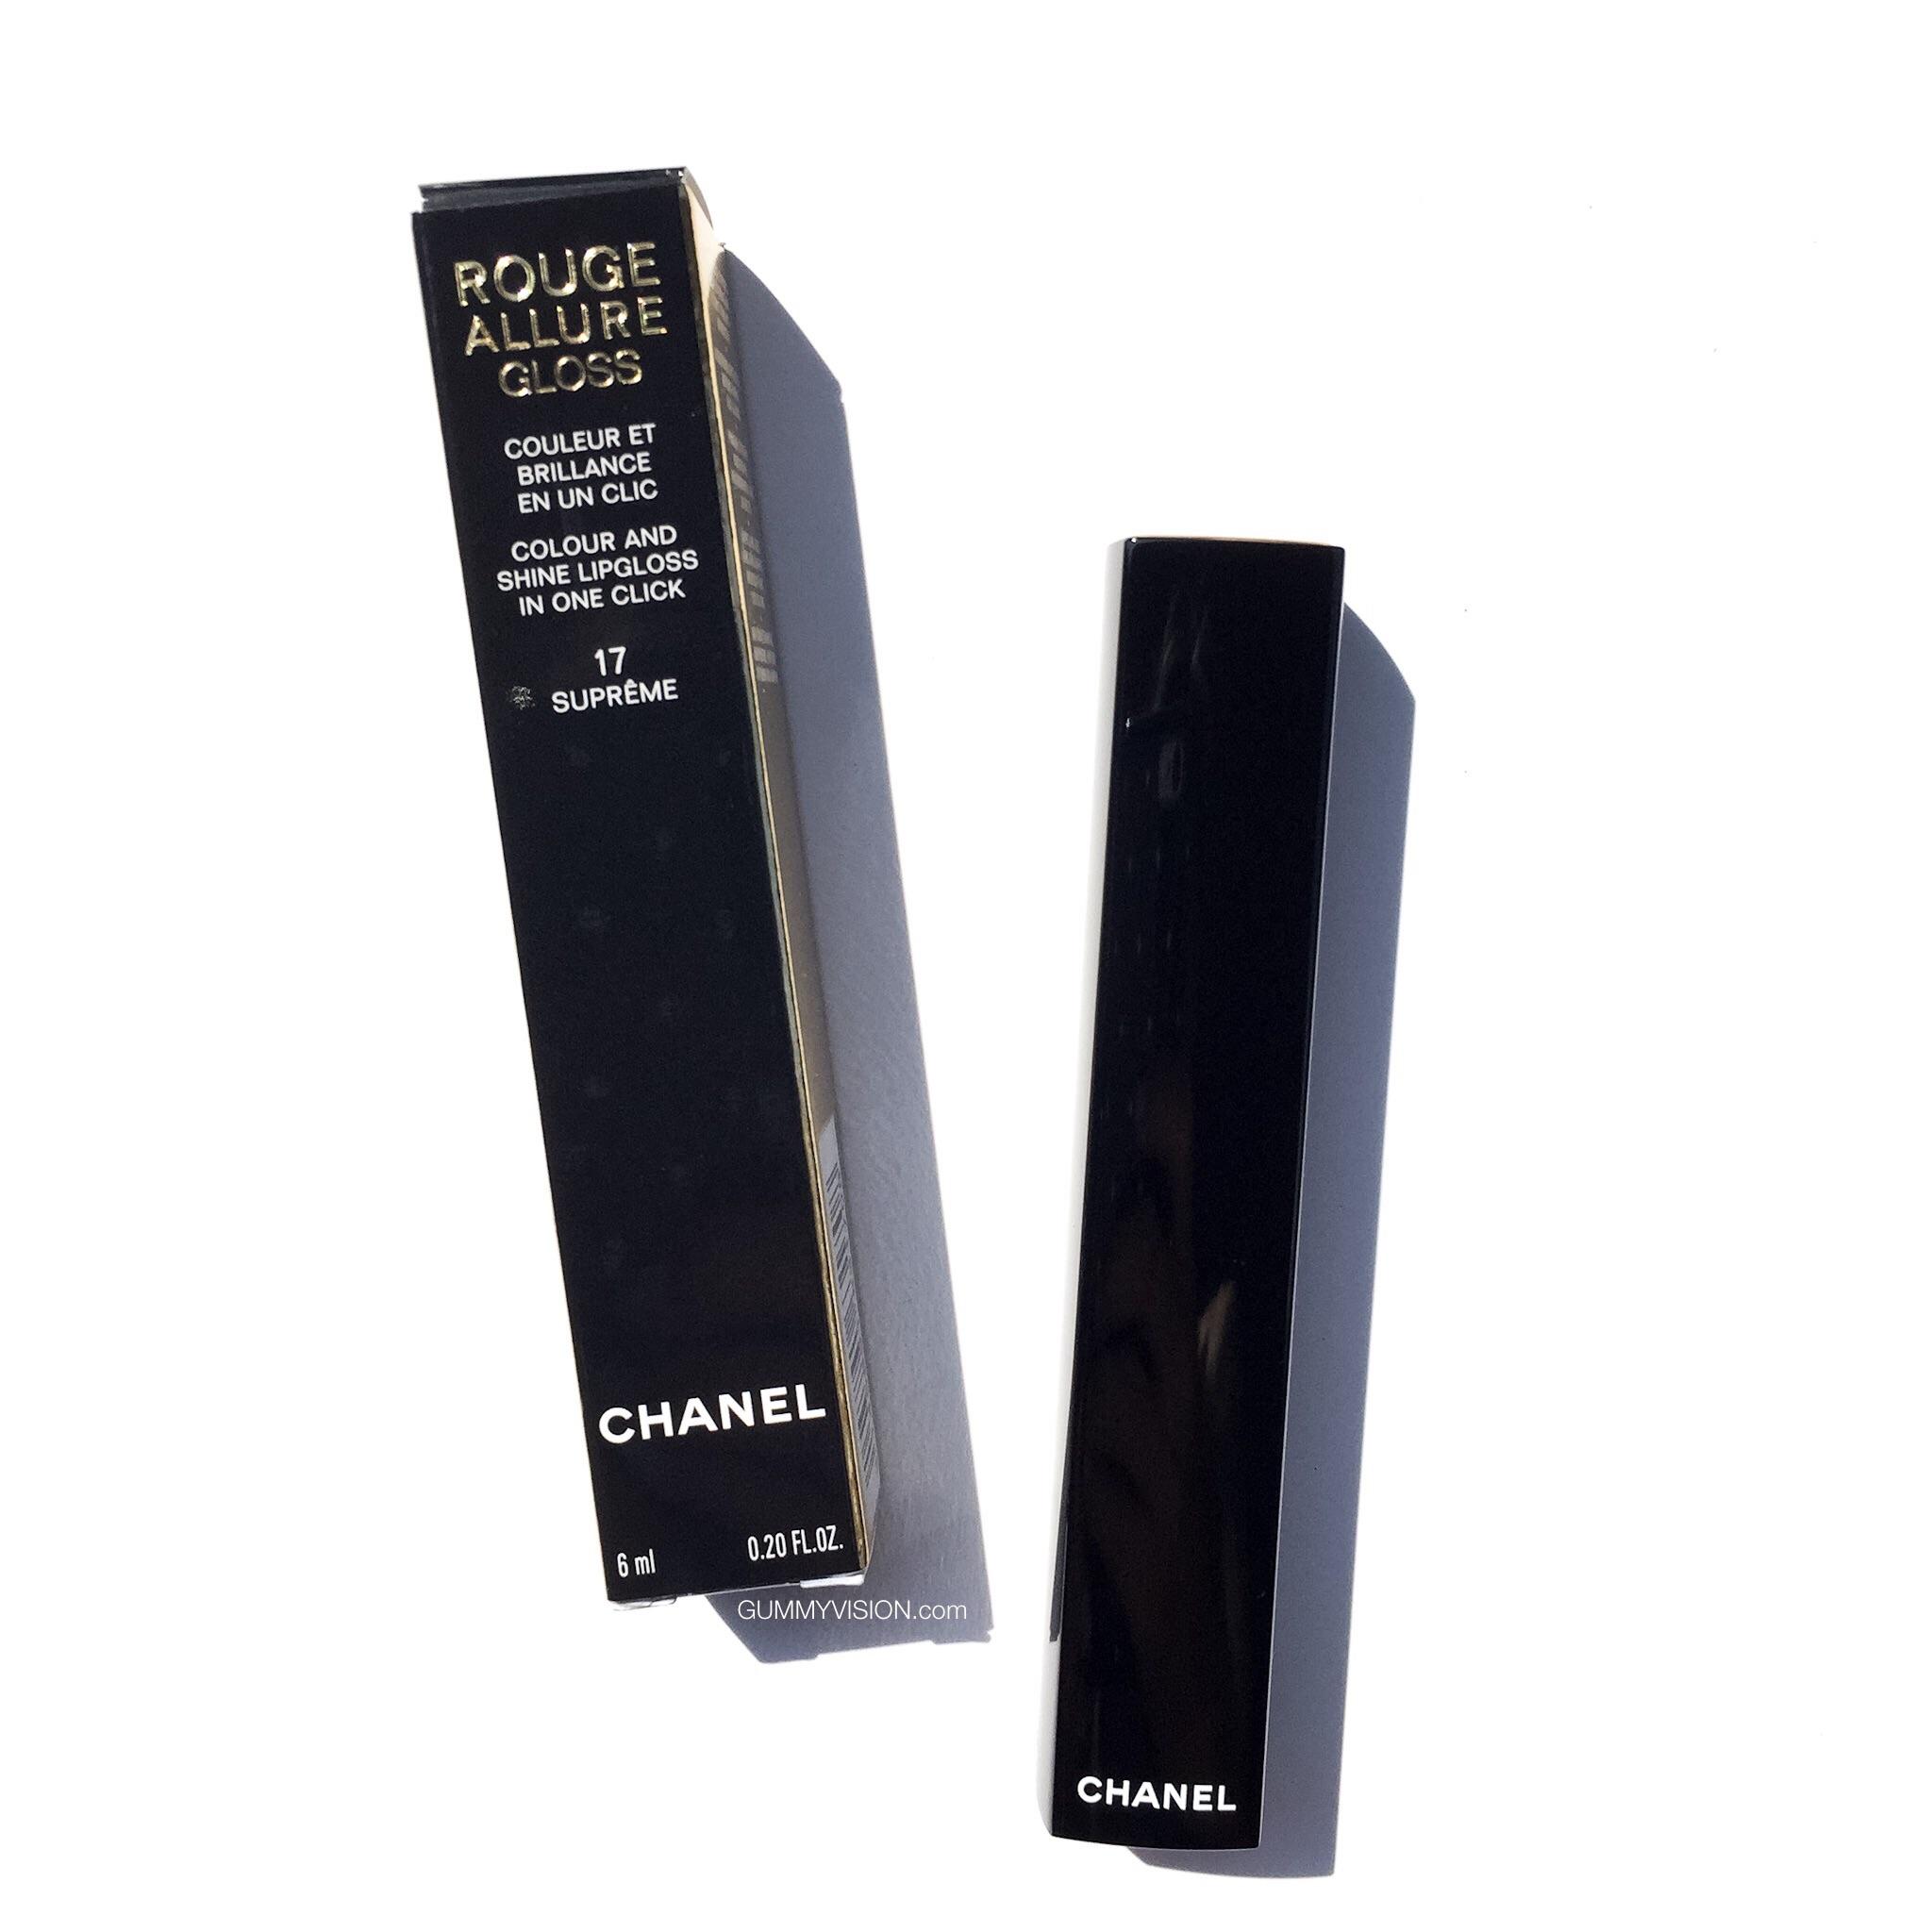 Chanel Rouge Allure Colour & Shine Lip Gloss in 17 Supreme - gummyvision.com